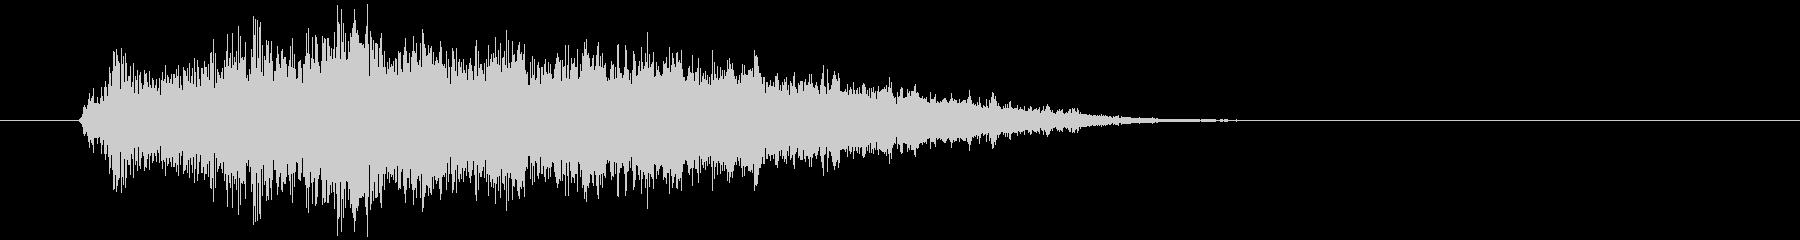 回転_m0236の未再生の波形